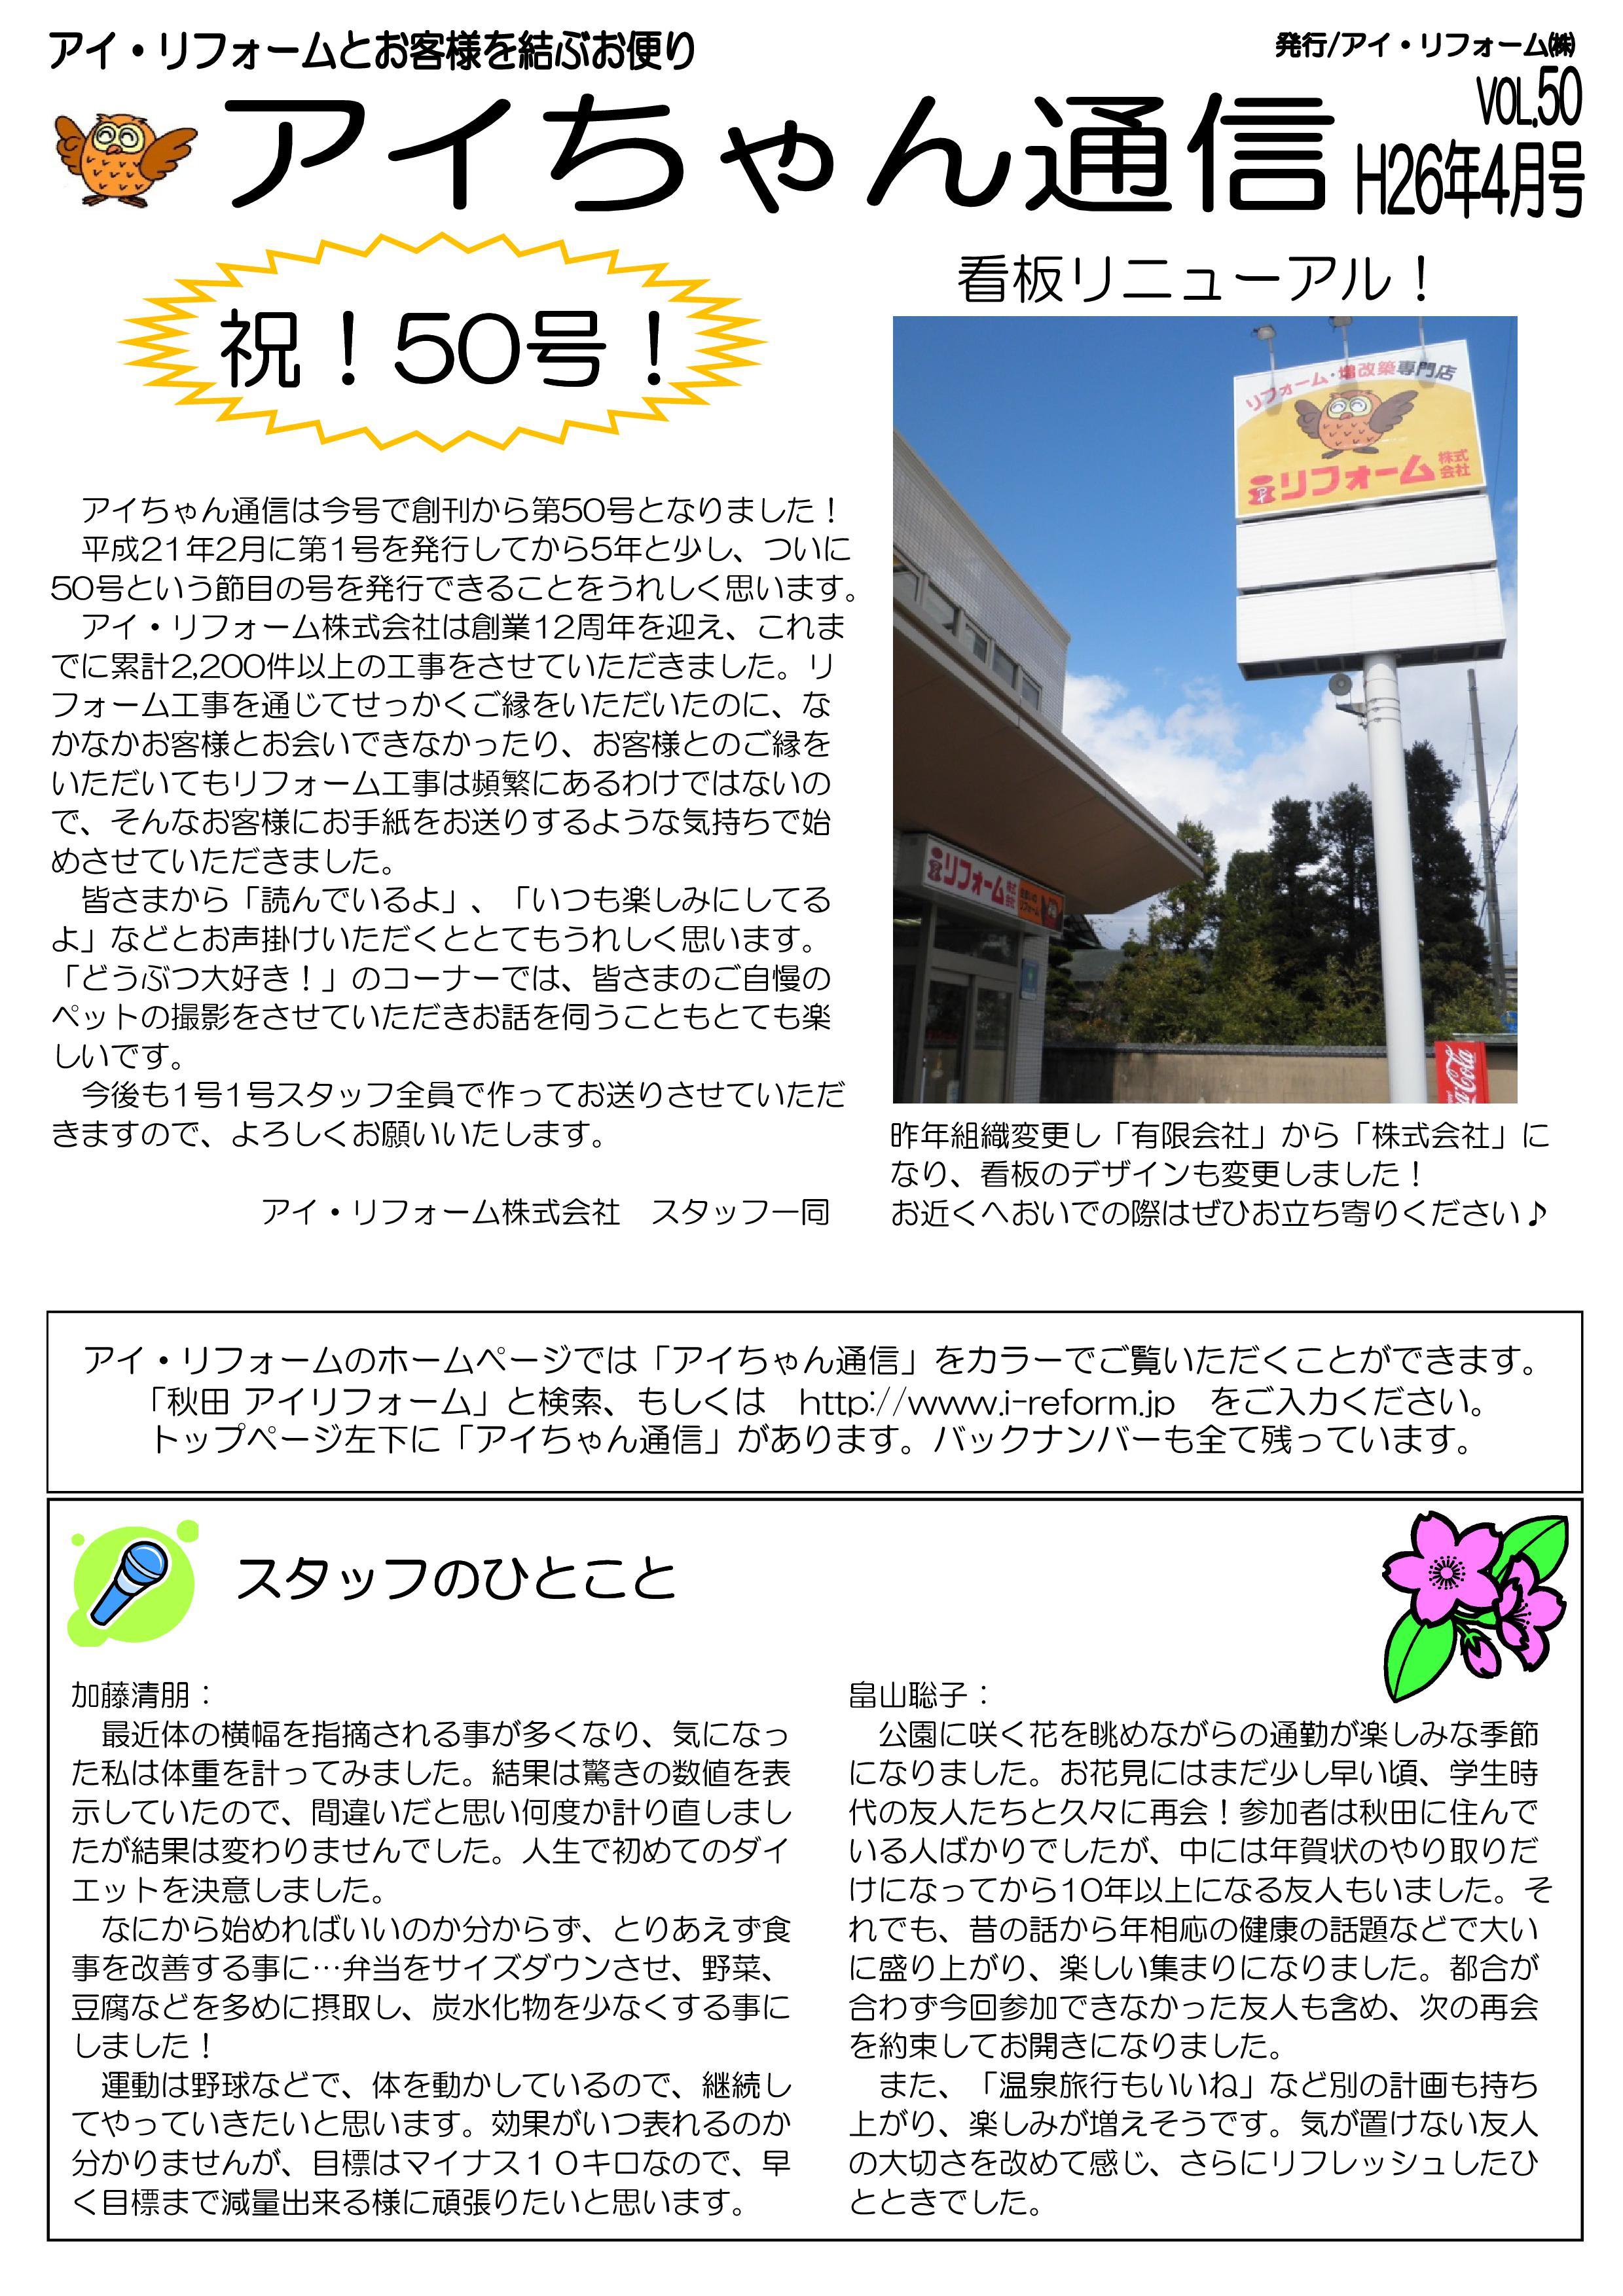 ニュースレター50 H26-4